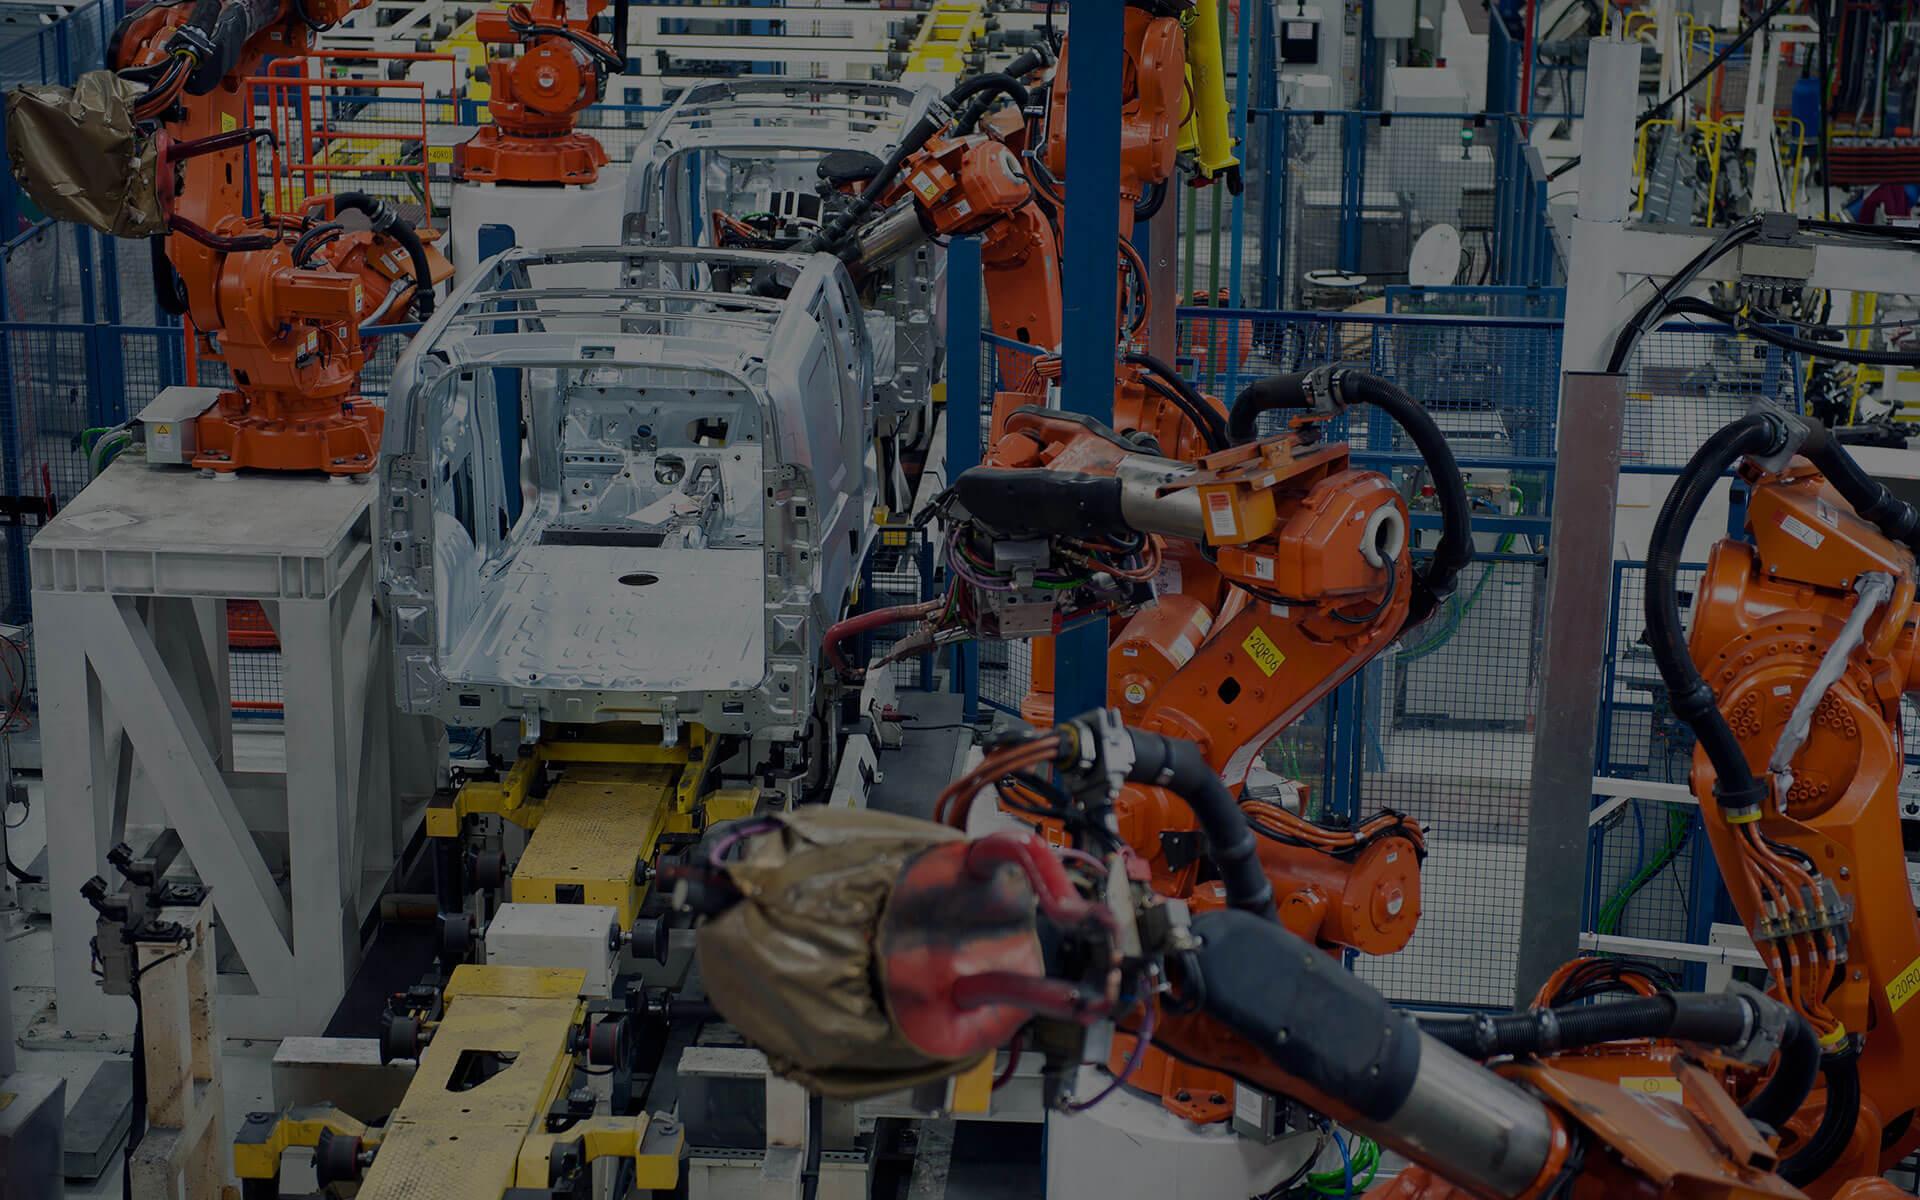 Fertigungsstraße mit Robotern in der Automobilindustrie